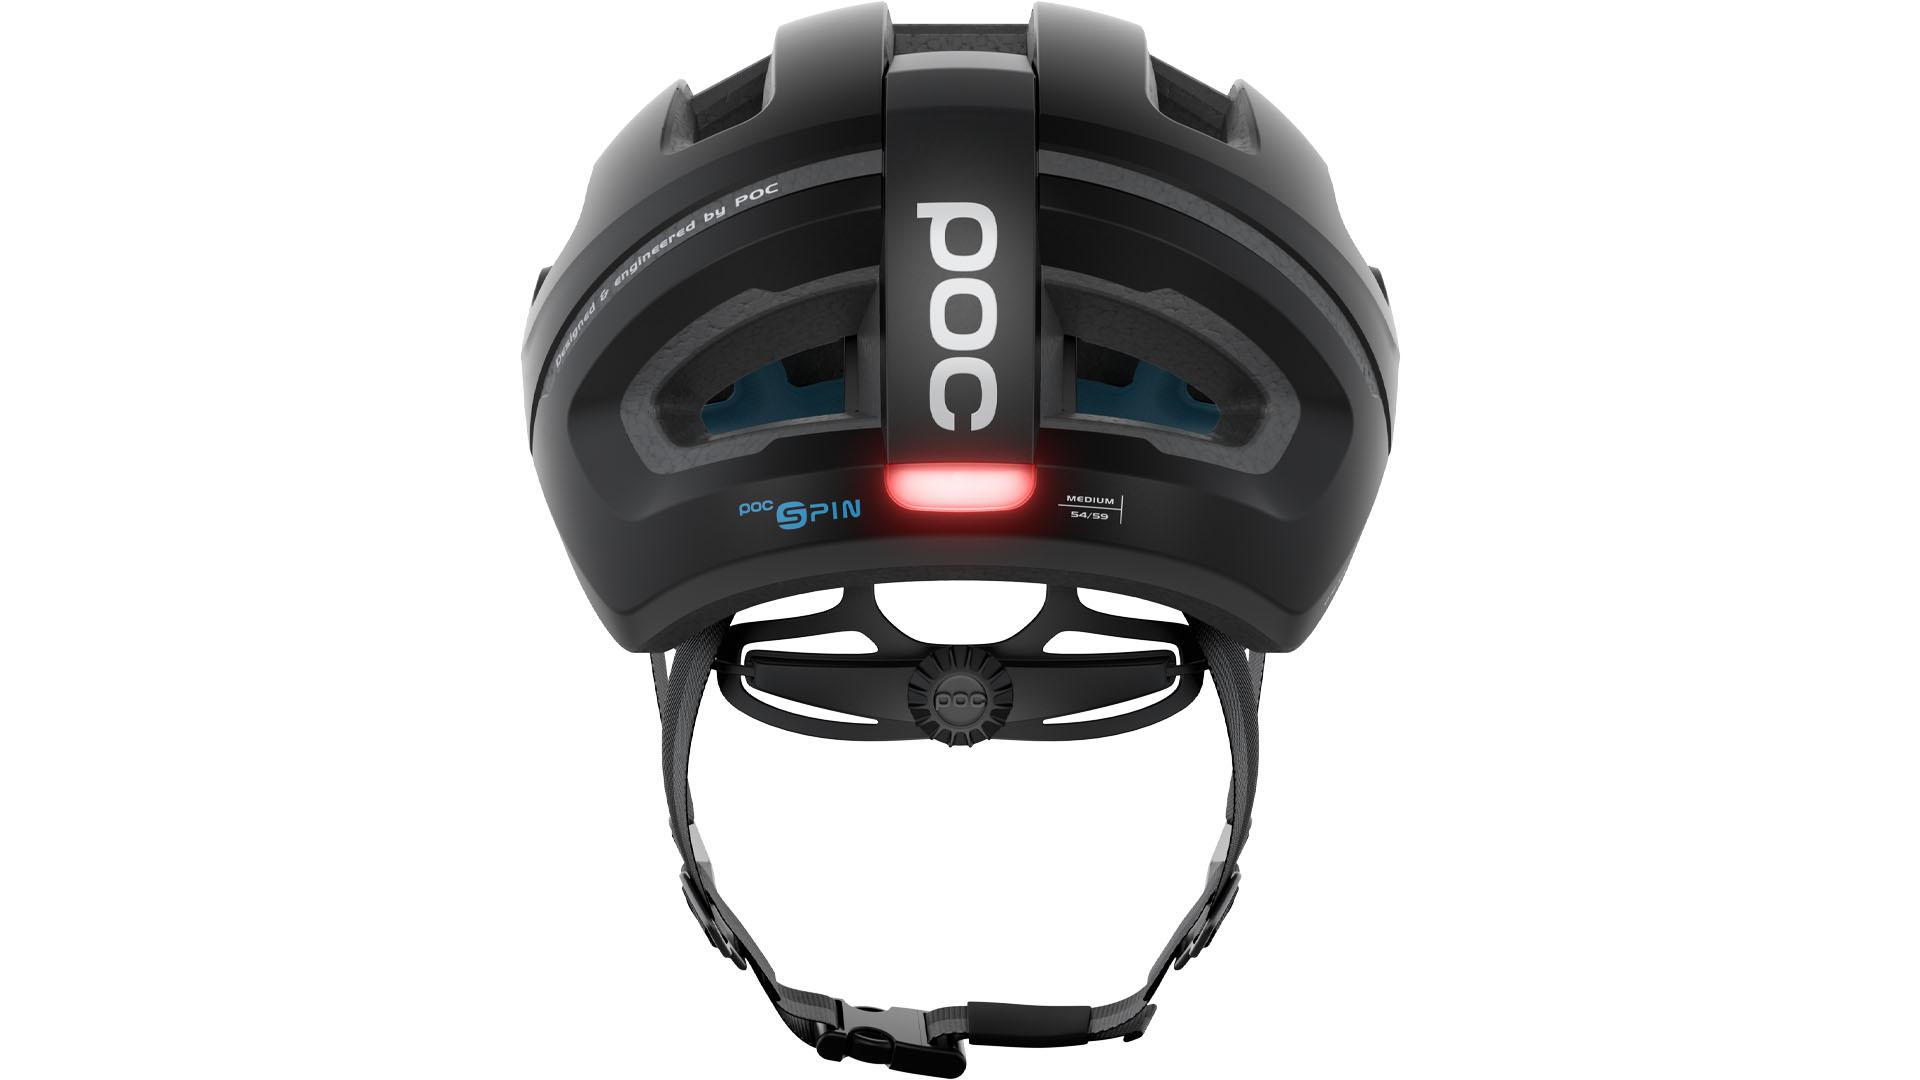 De nieuwe Omne Eternal-helm van POC heeft een lamp op zonne-energie die zichzelf laat werken